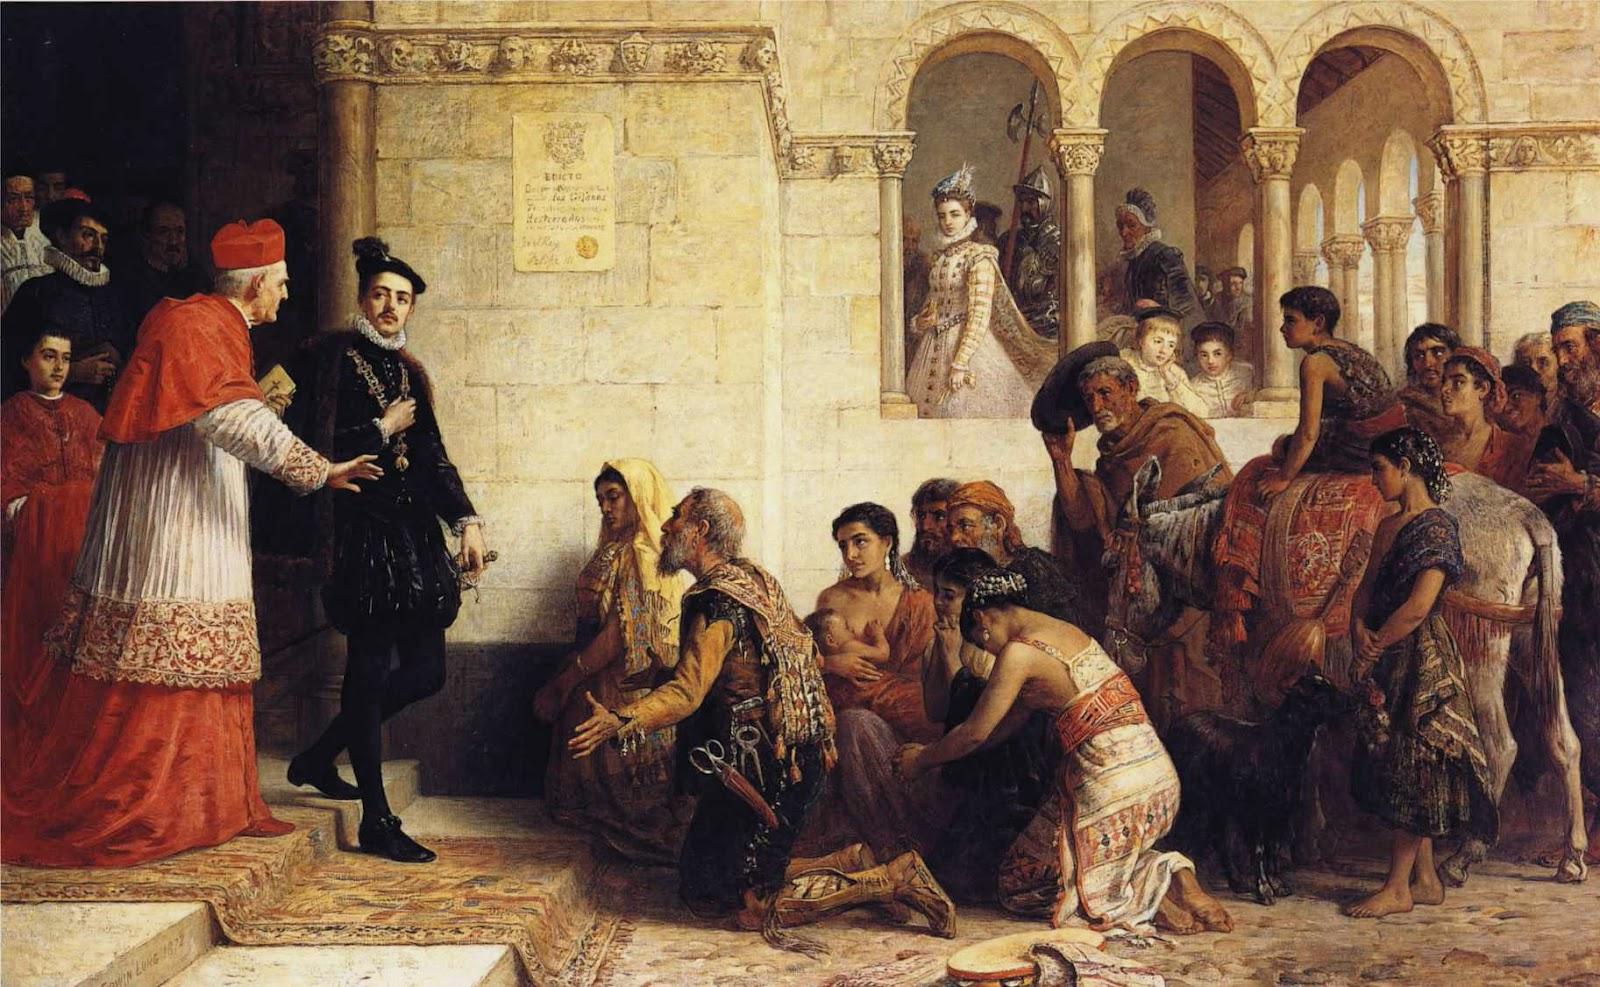 «Испанские цыгане, умоляющие Филиппа III отменить закон об изгнании», Эдвин Лонг, 1872 год.